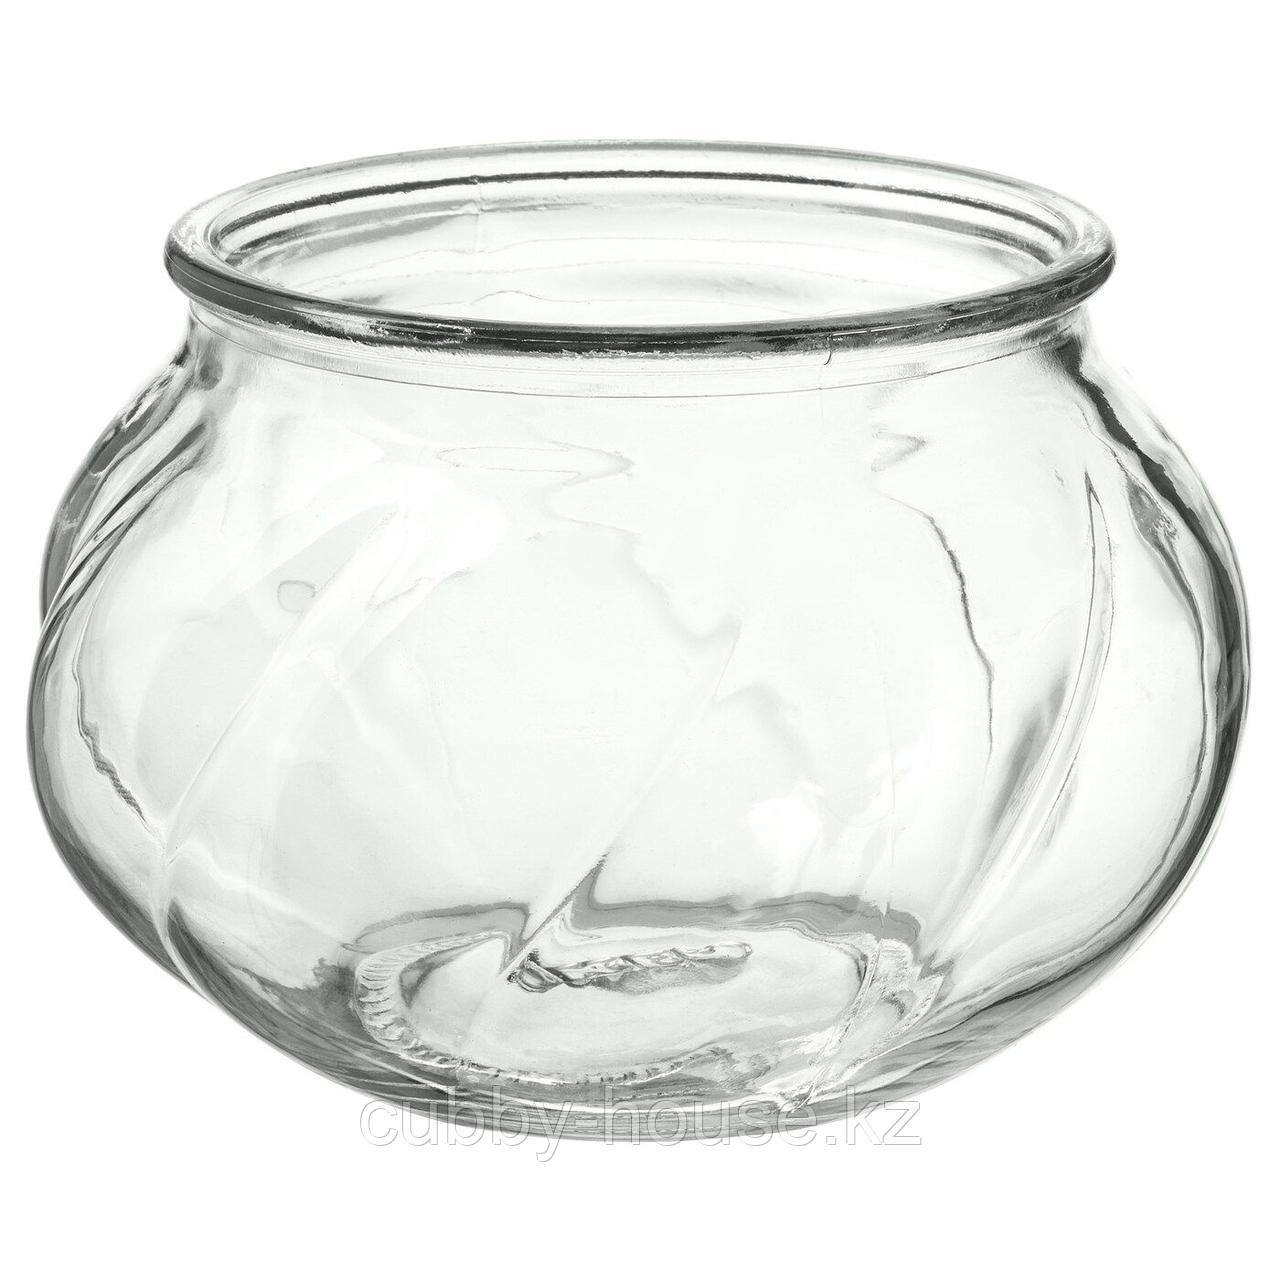 ВИЛЬЕСТАРК Ваза, прозрачное стекло, 8 см